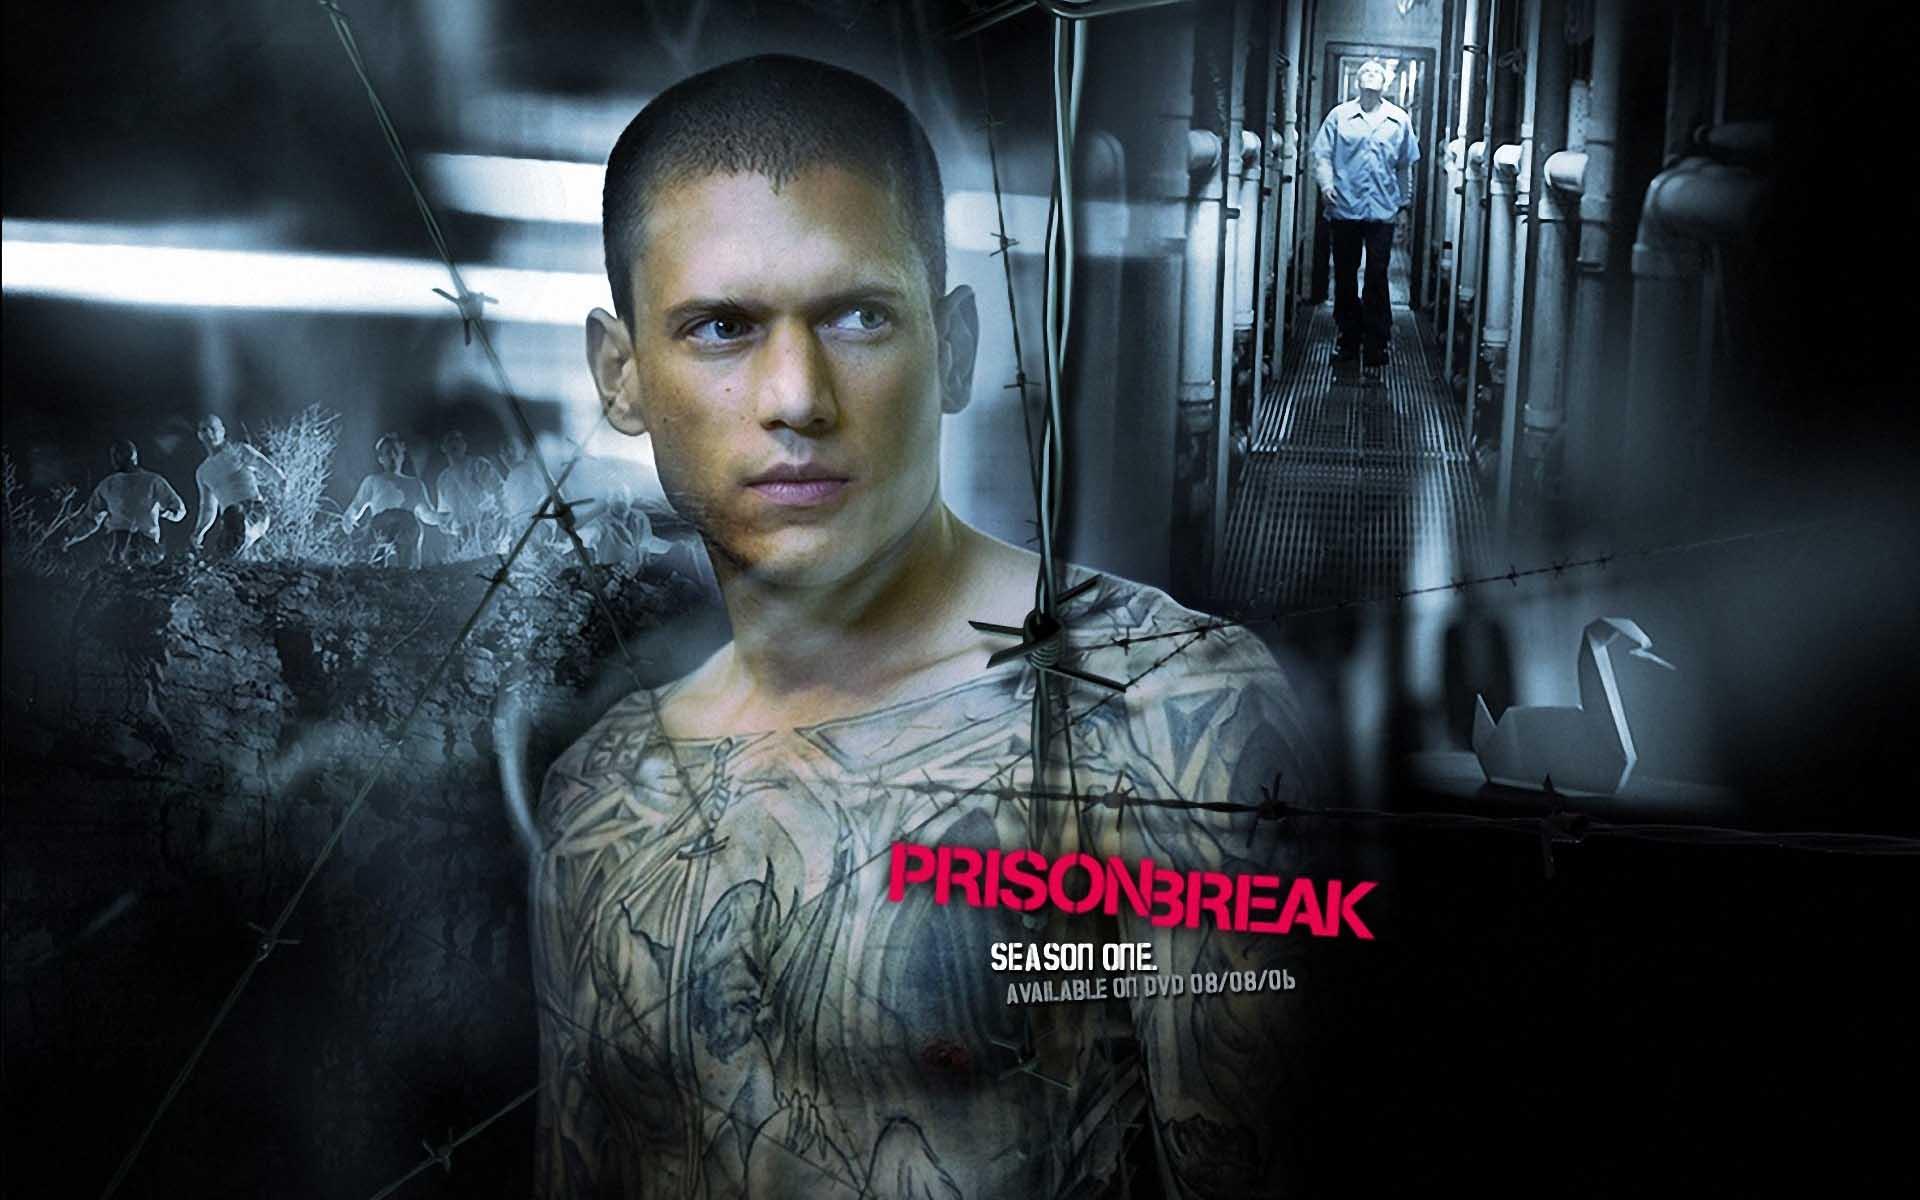 Prison Break Wallpaper